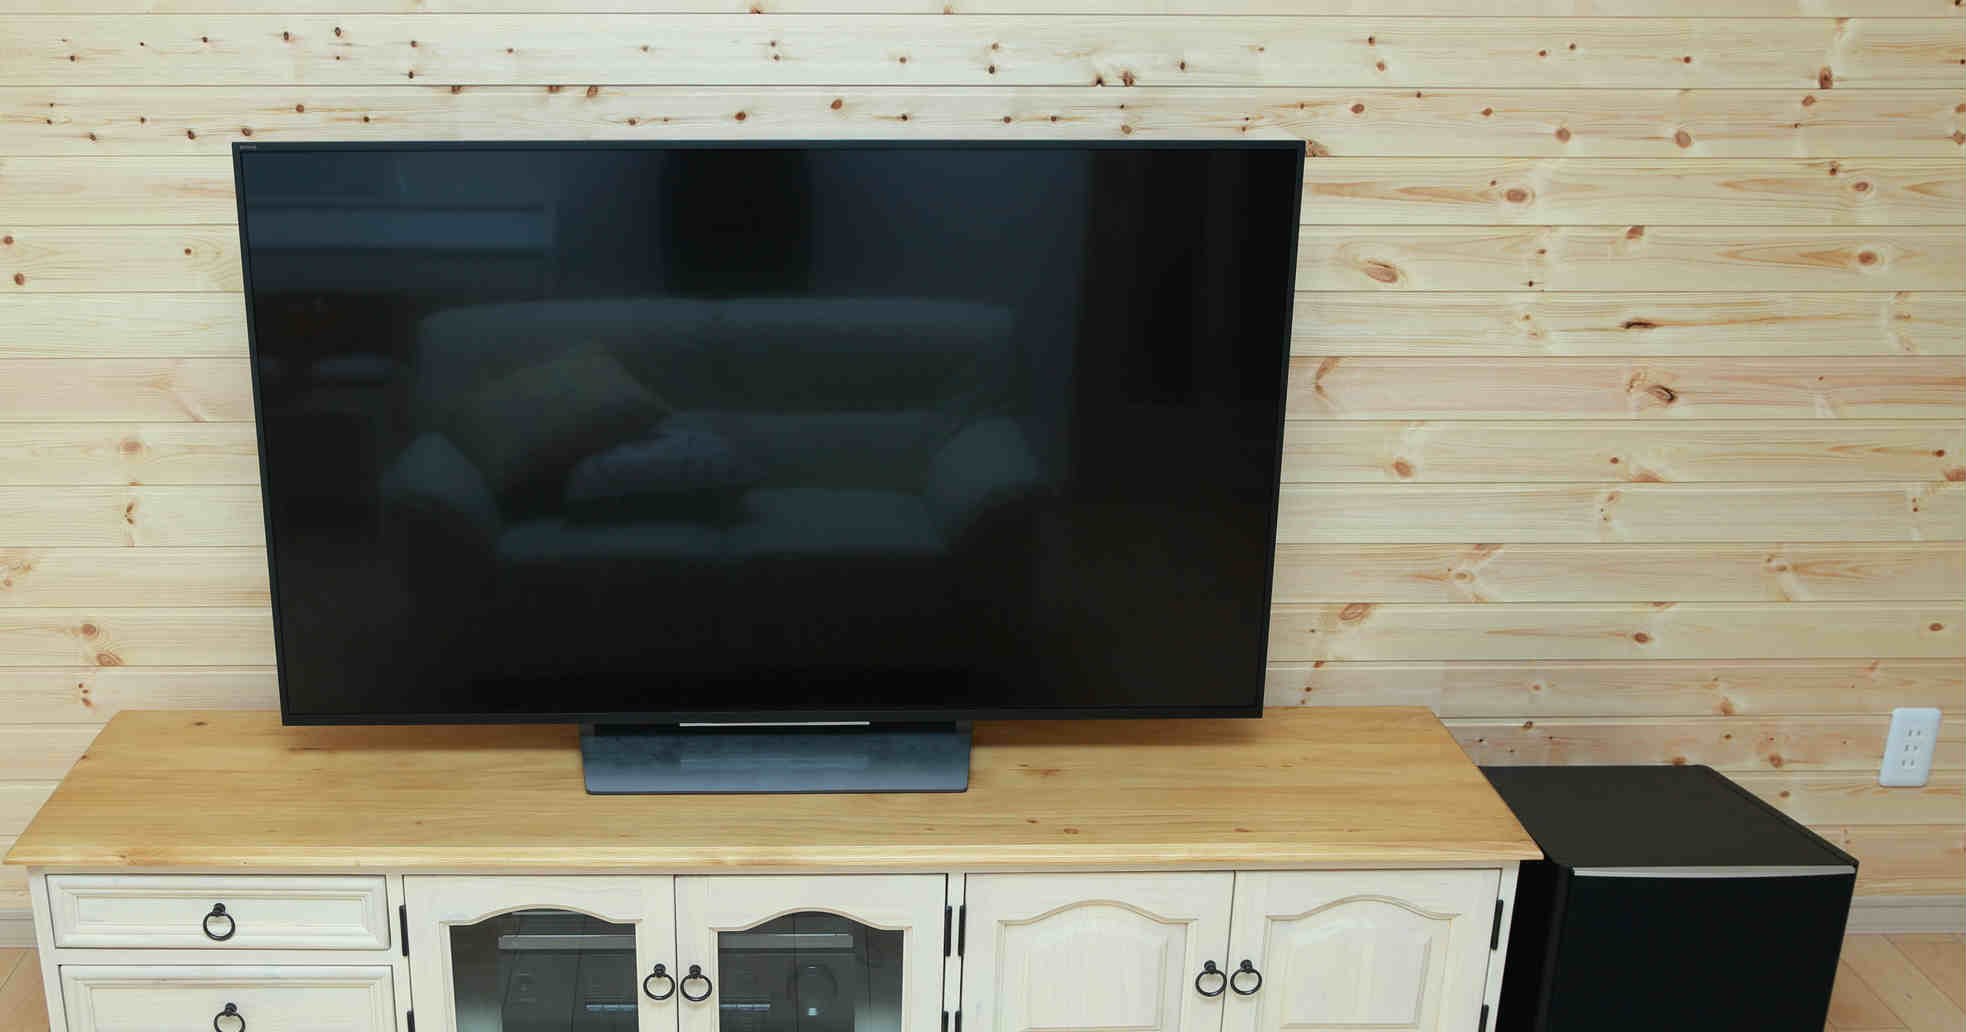 プラズマテレビってなに?4Kテレビとの違いと処分方法や寿命の症状